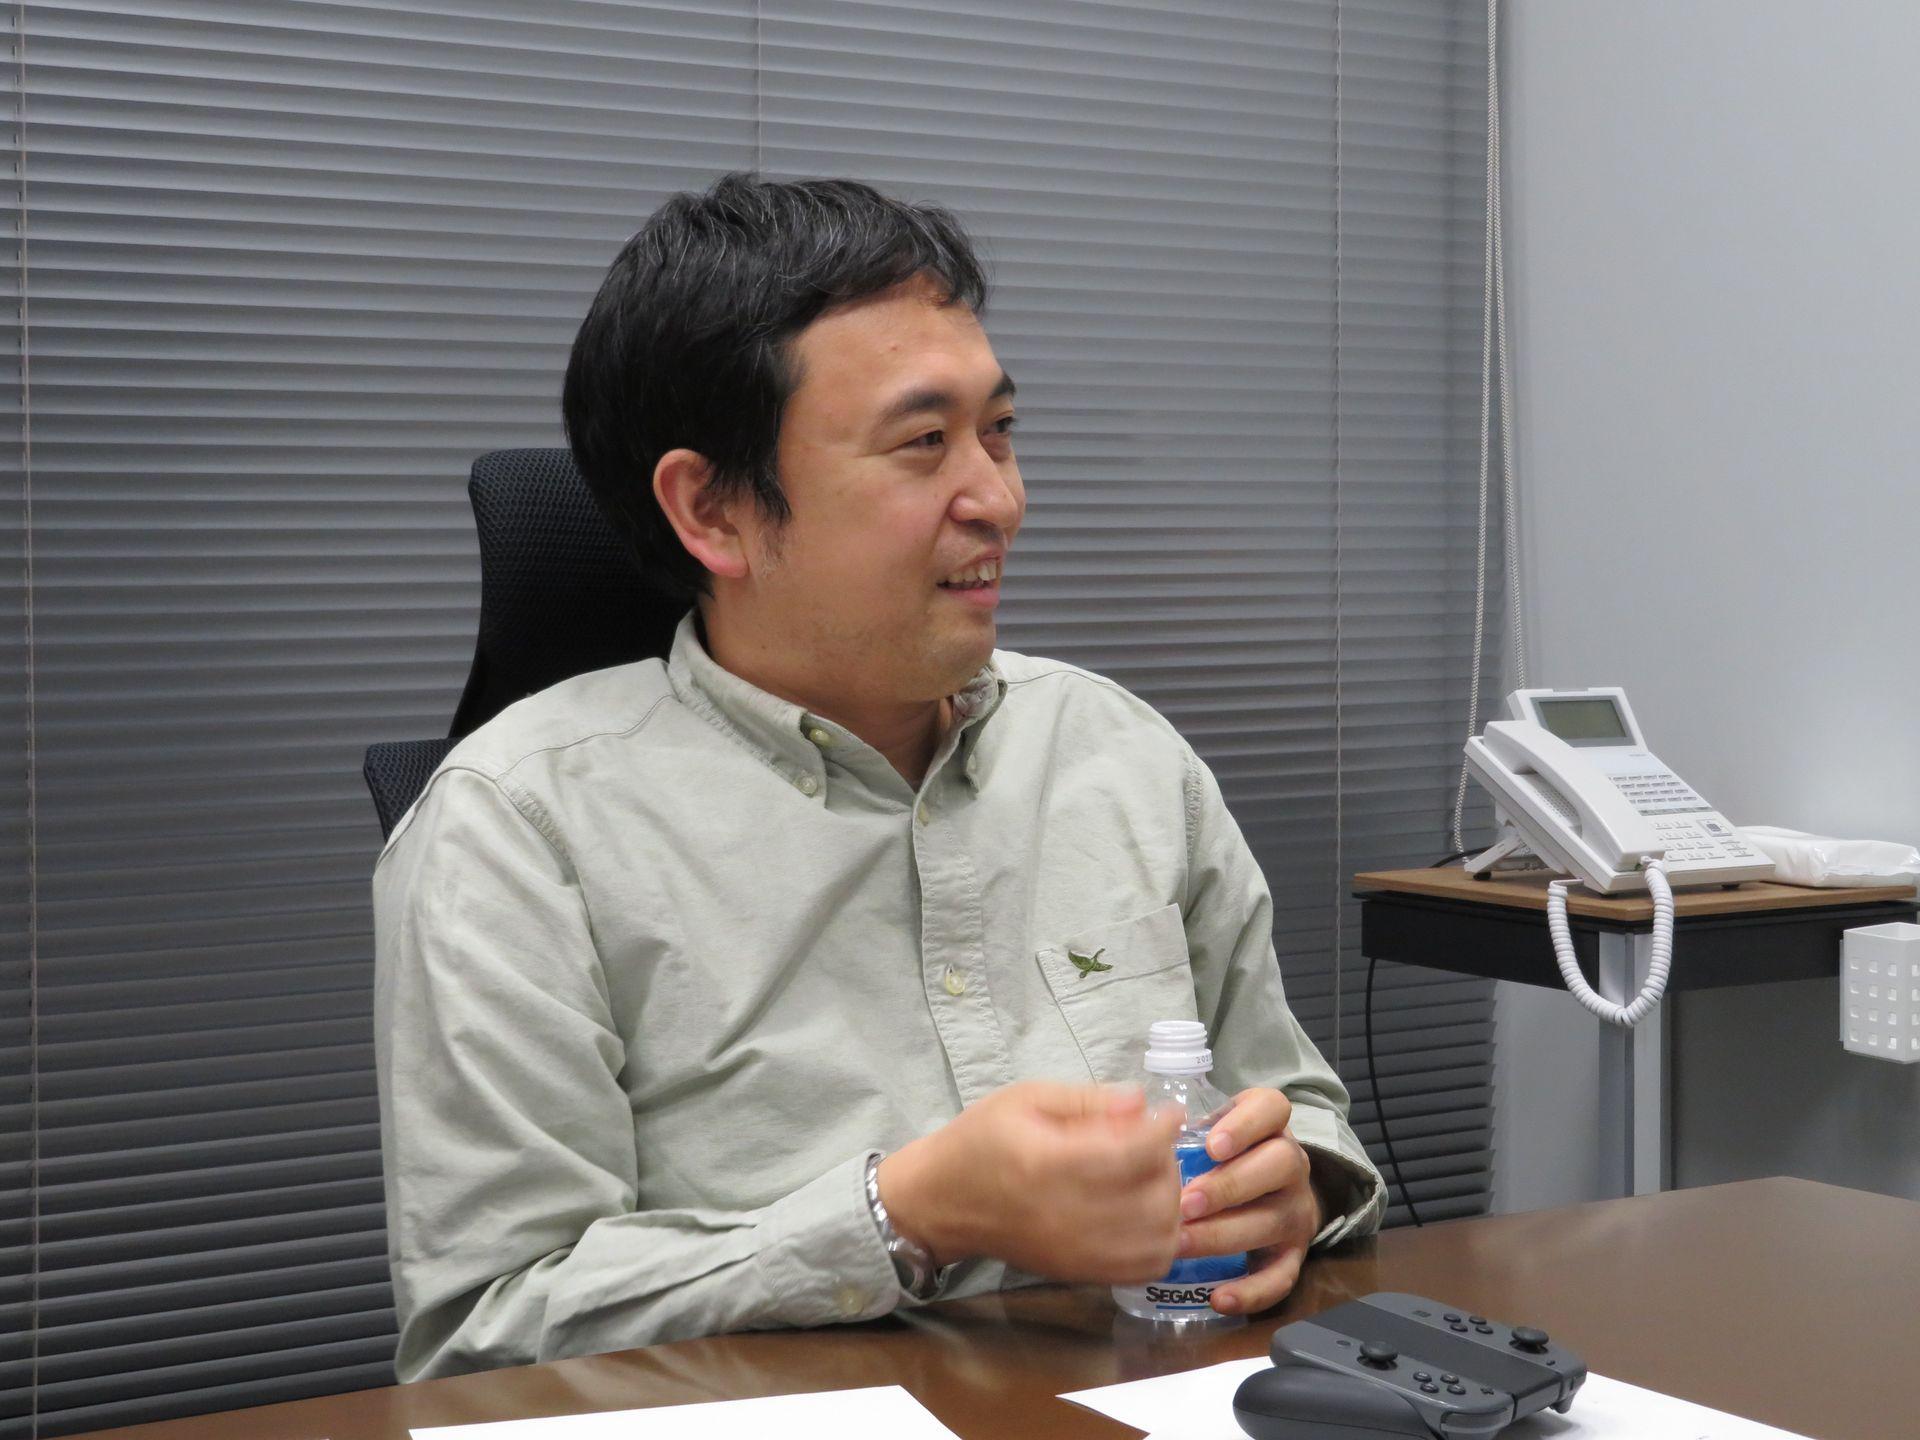 セガゲームスの奥成洋輔氏